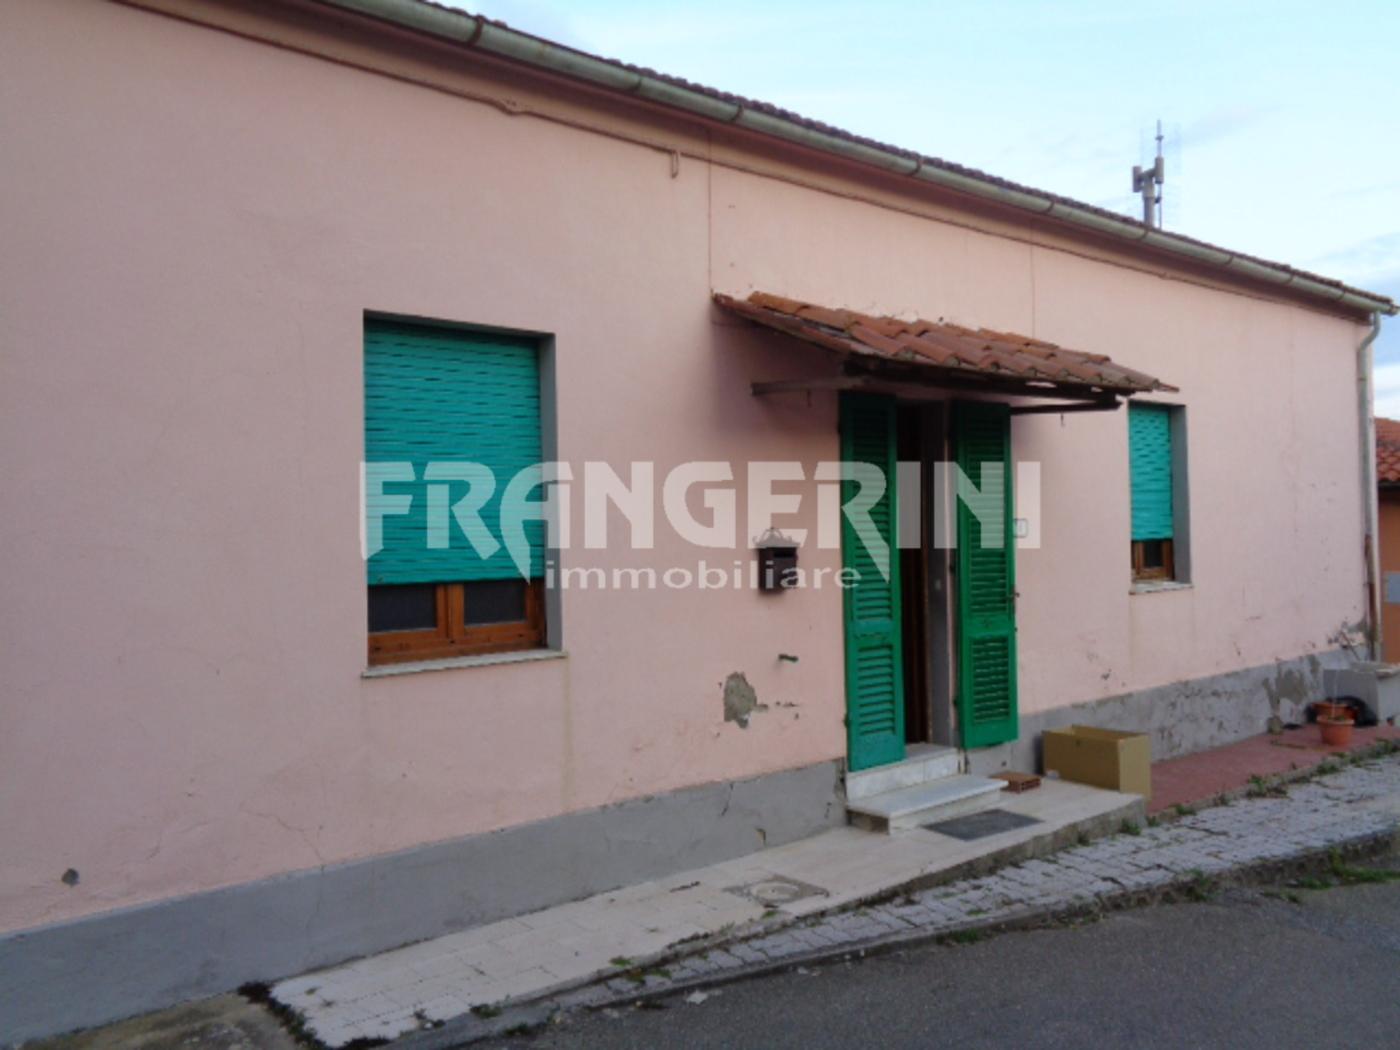 Vendita terratetto gabbro livorno frangerini immobiliare livorno - Casa con giardino livorno ...